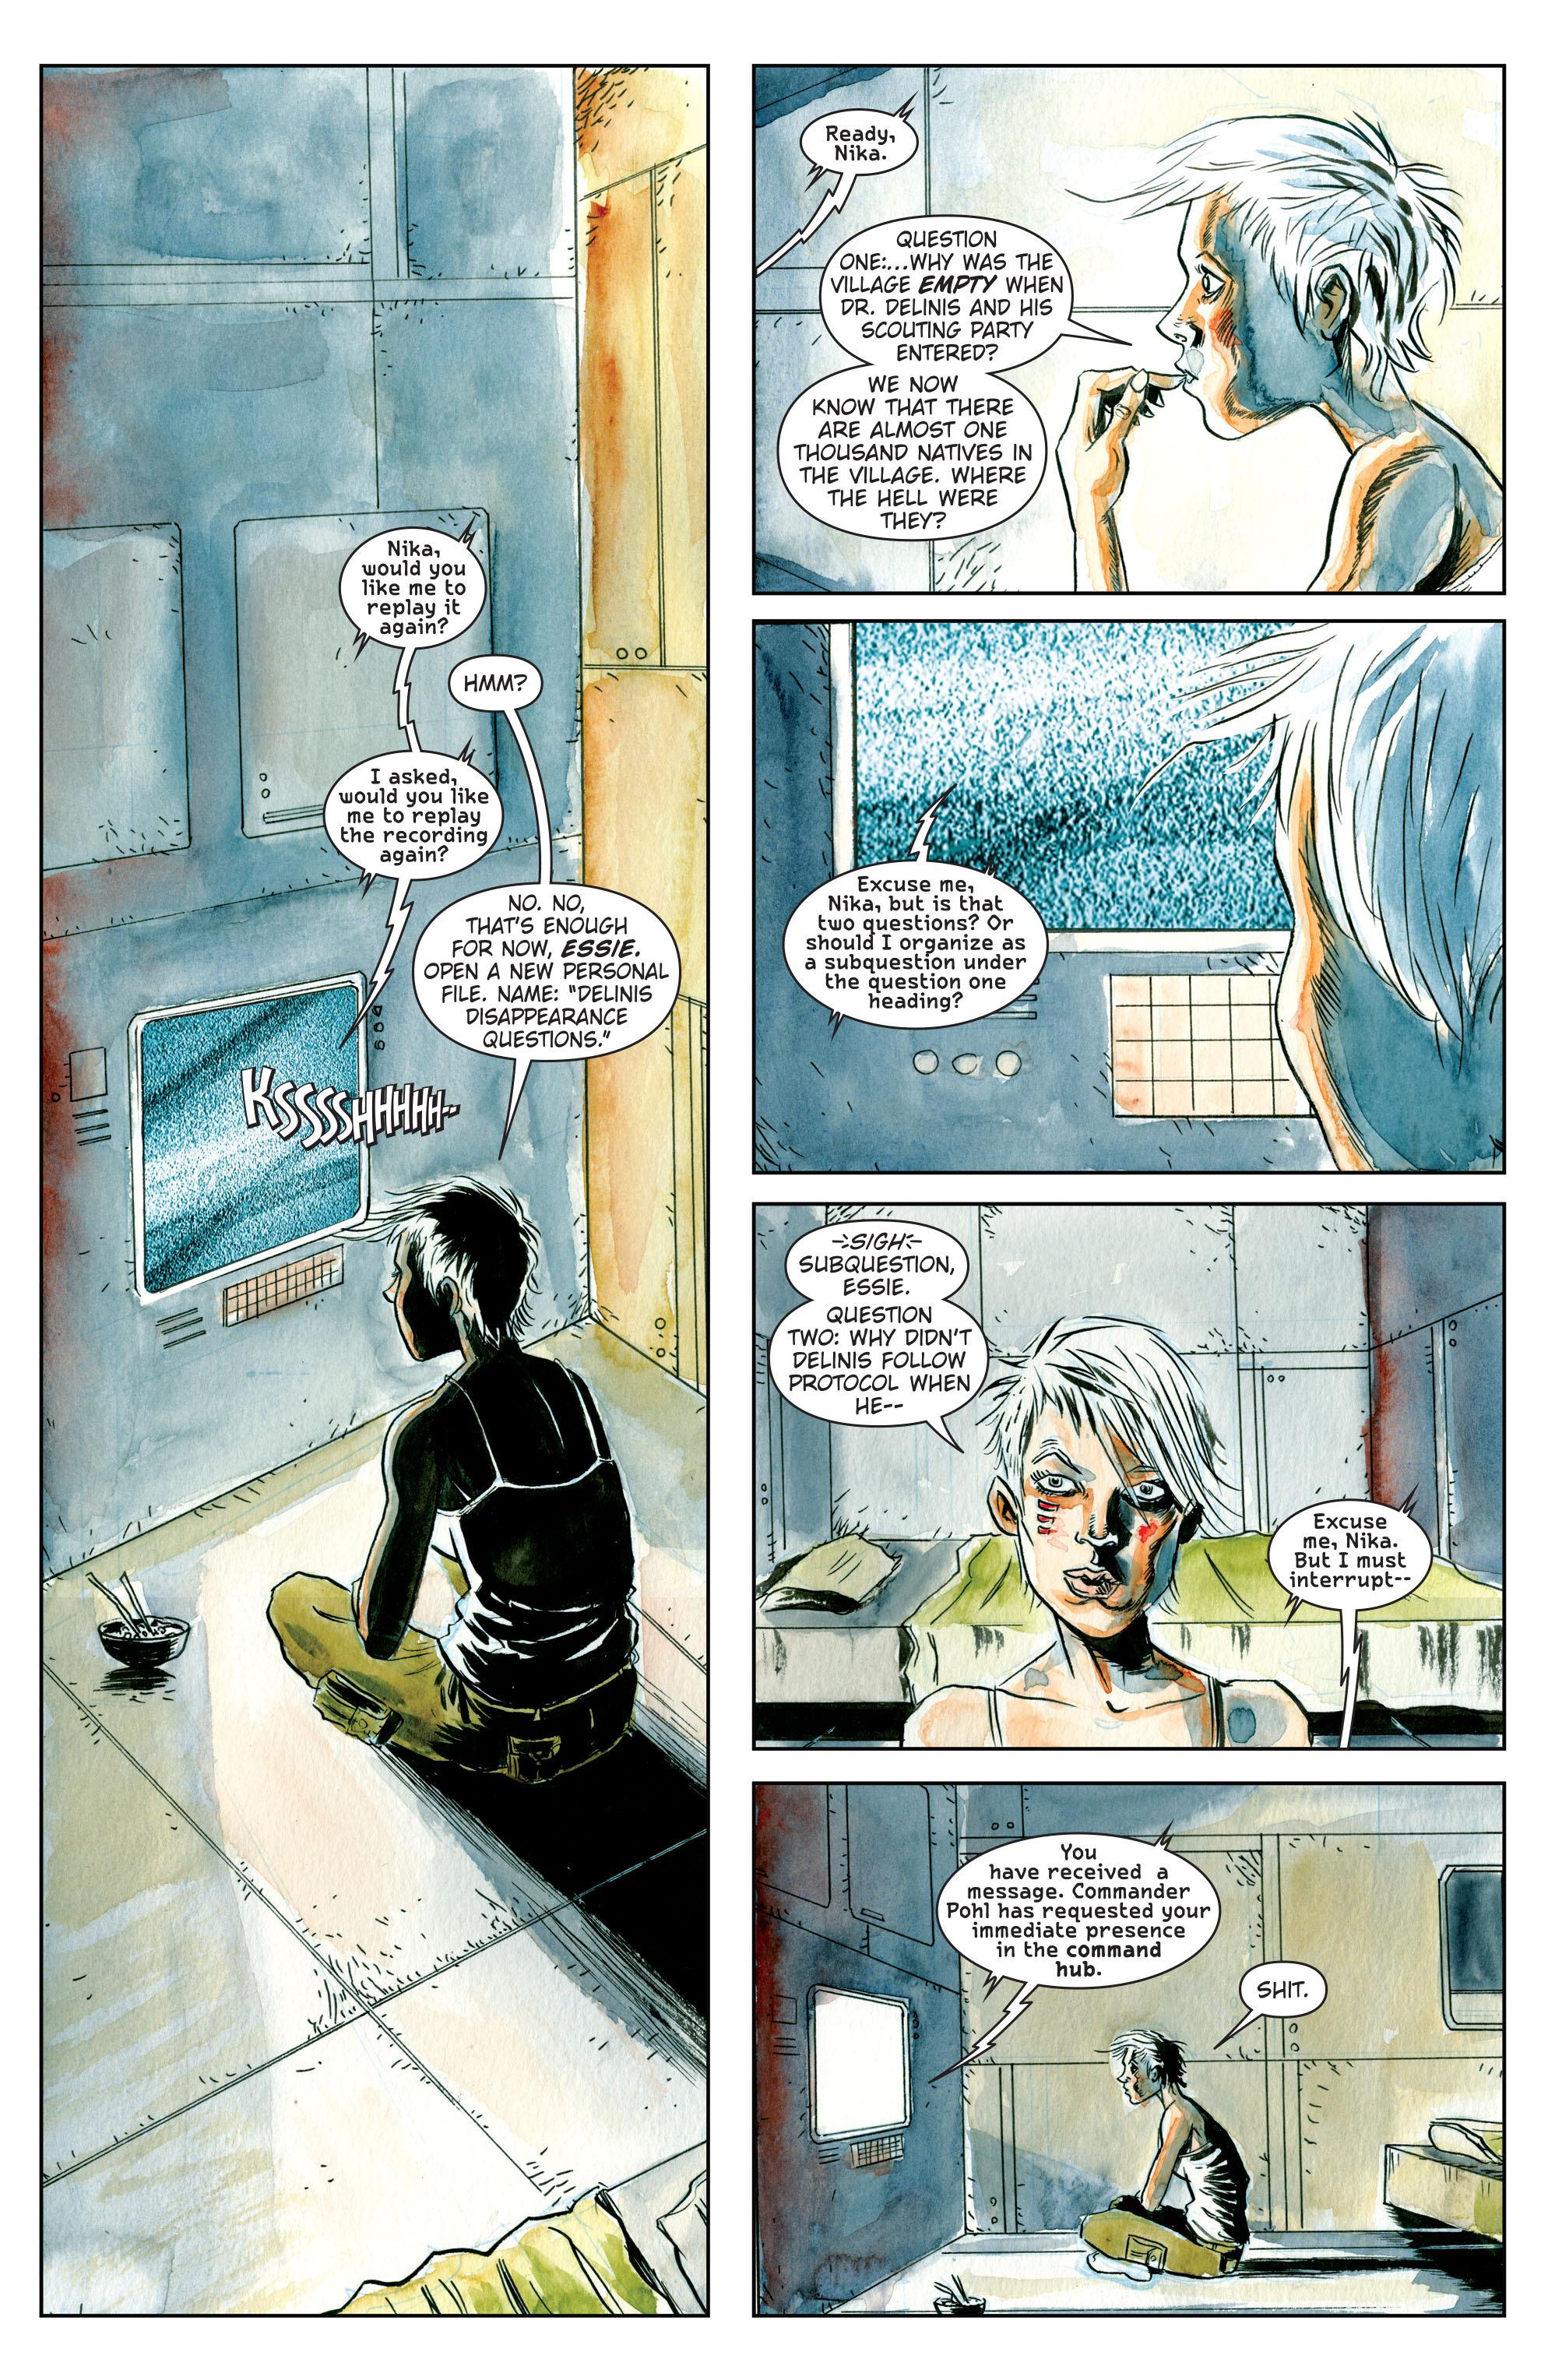 Read online Trillium comic -  Issue # TPB - 8